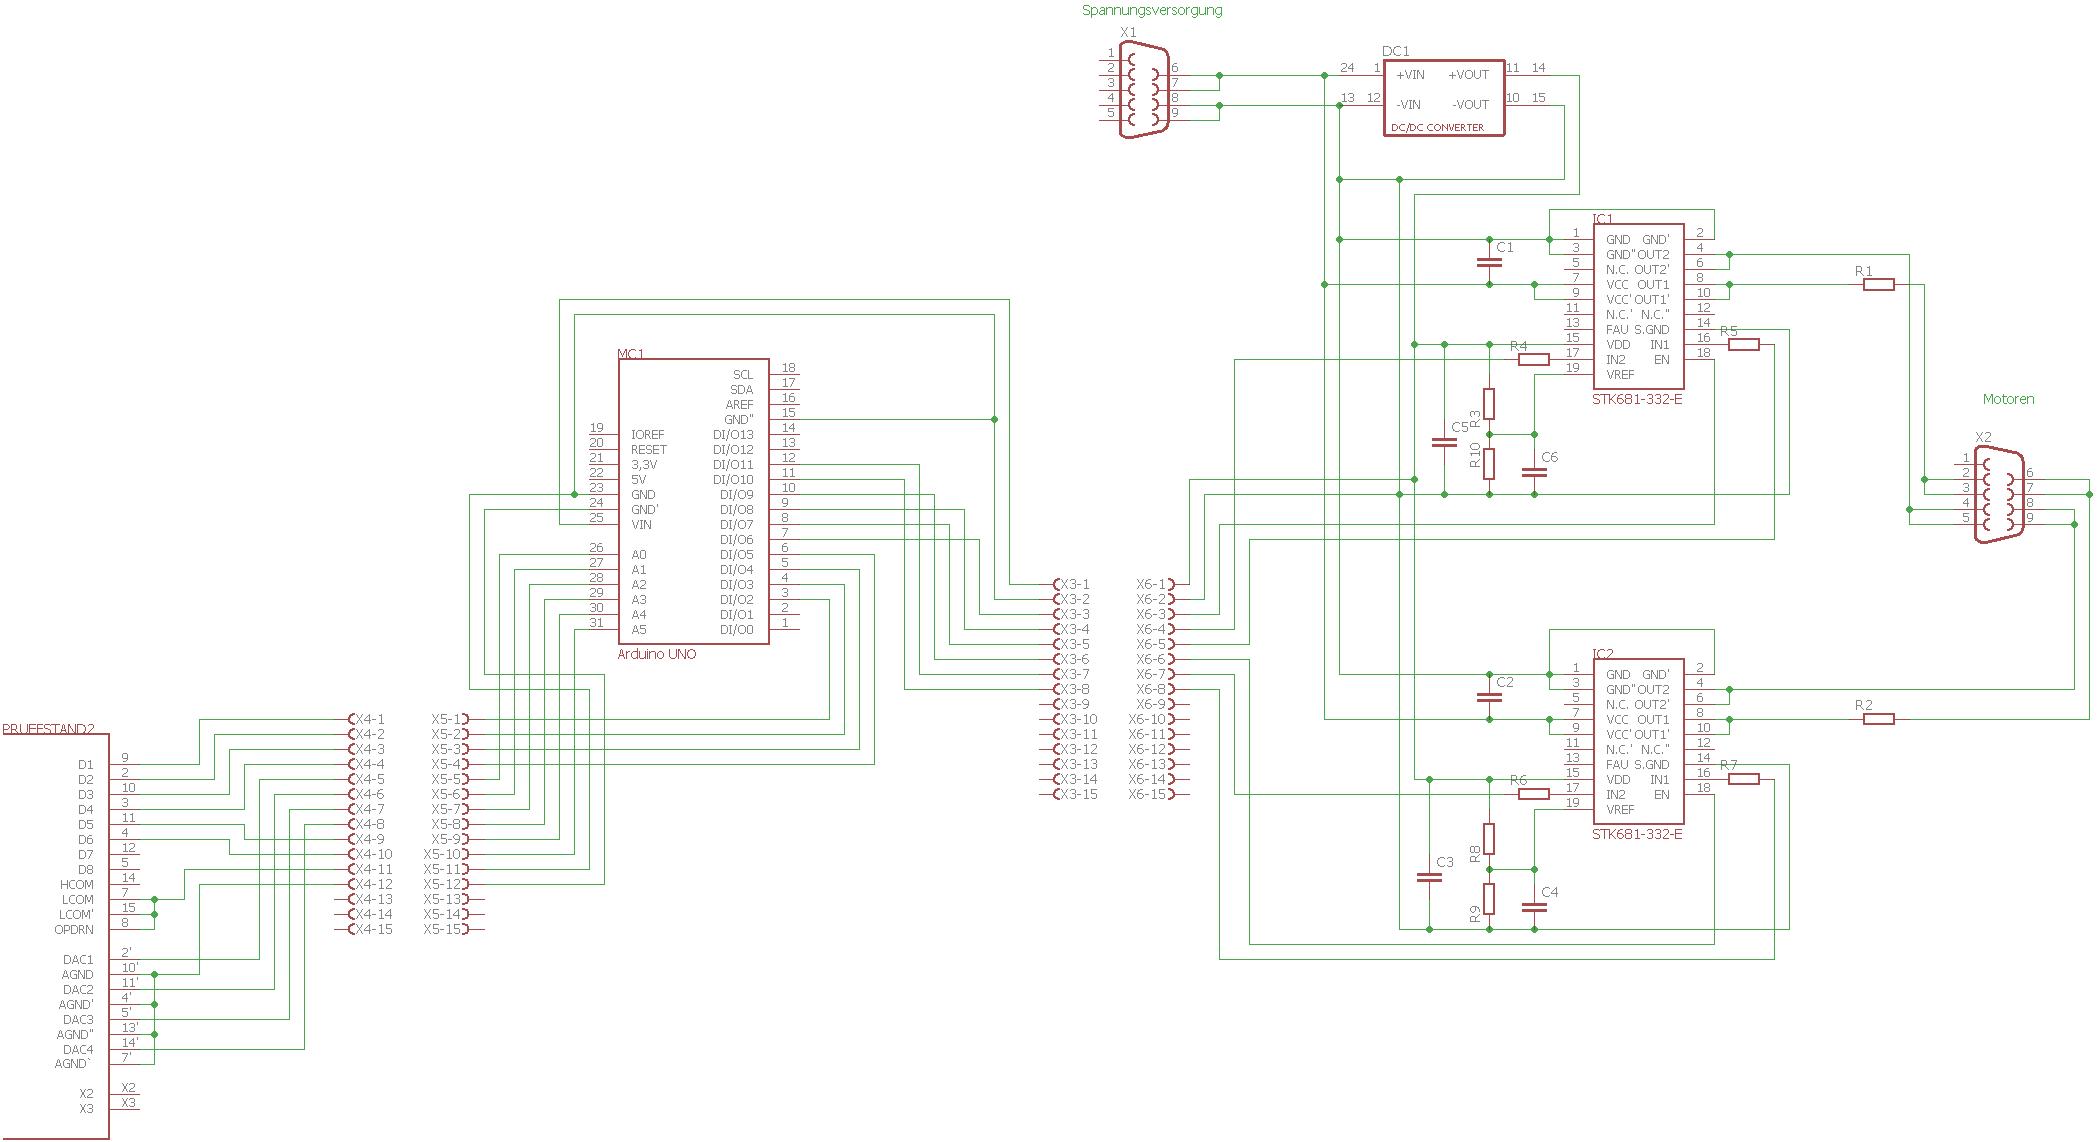 Zuckende Dc Motoren Bei Ansteuerung Mit H Brucke Pwm Und